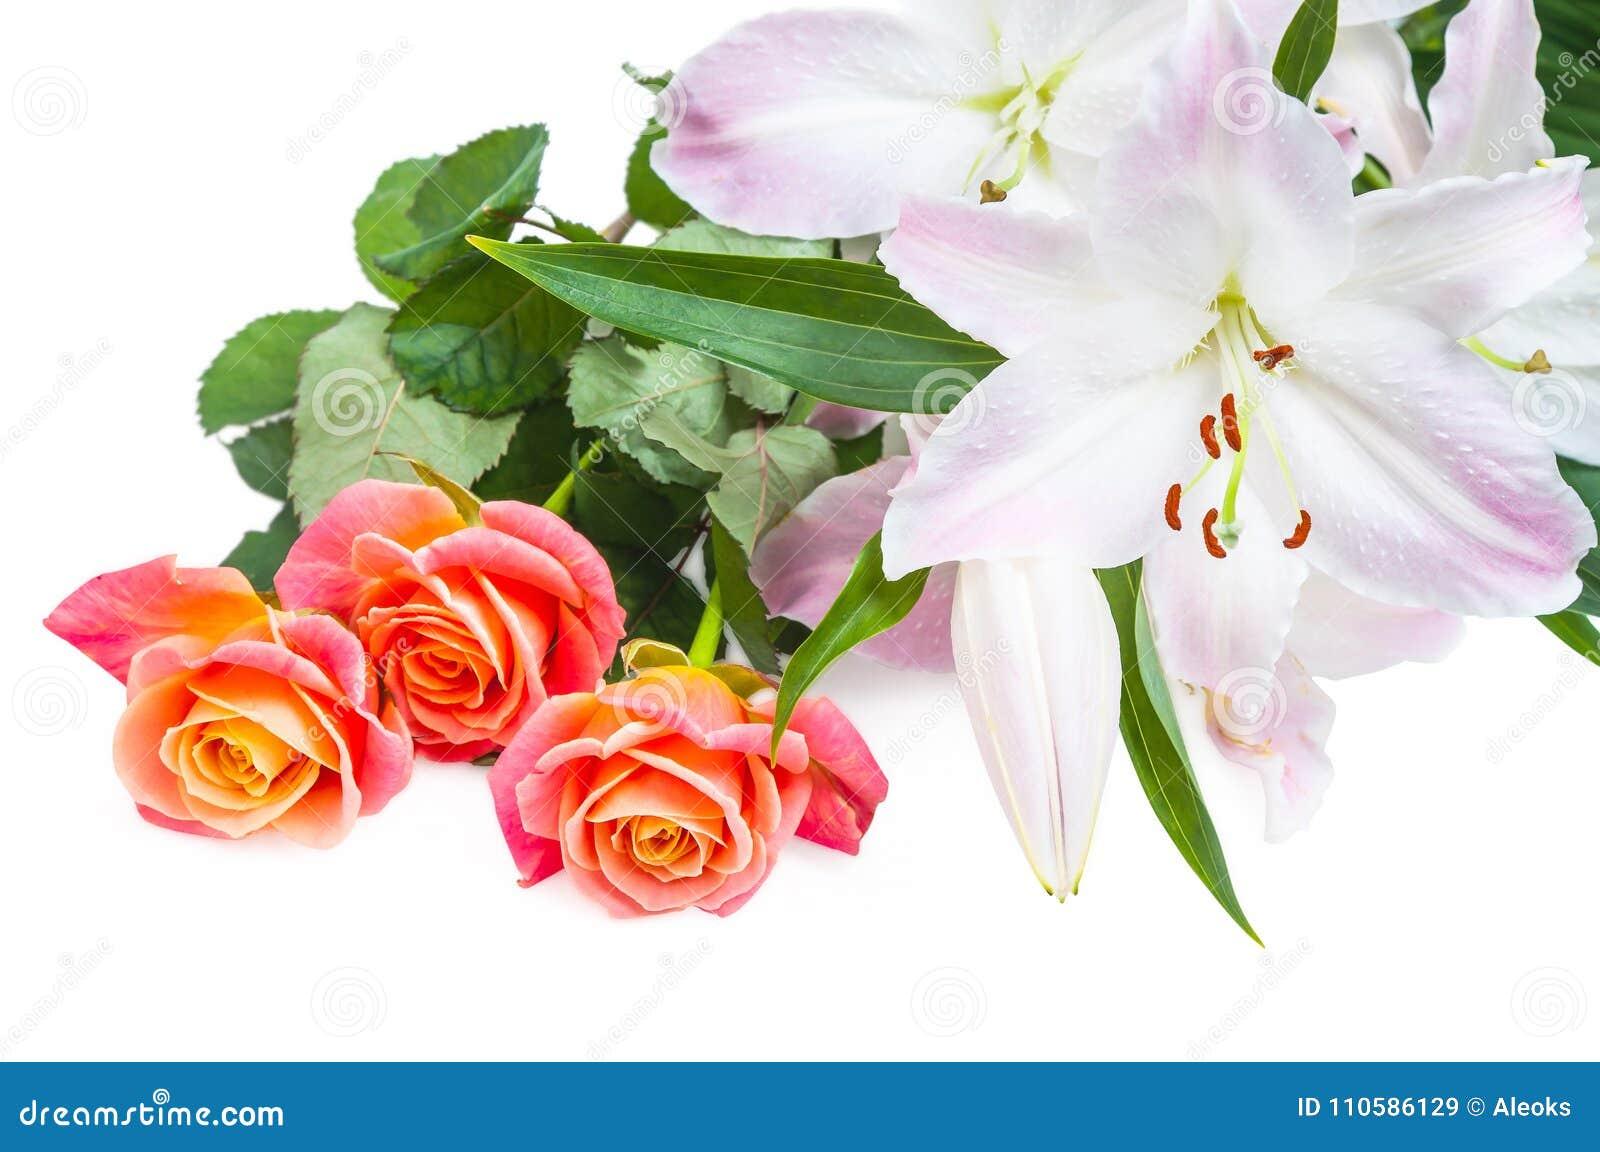 白桃红色百合和三朵红橙色玫瑰在白色背景